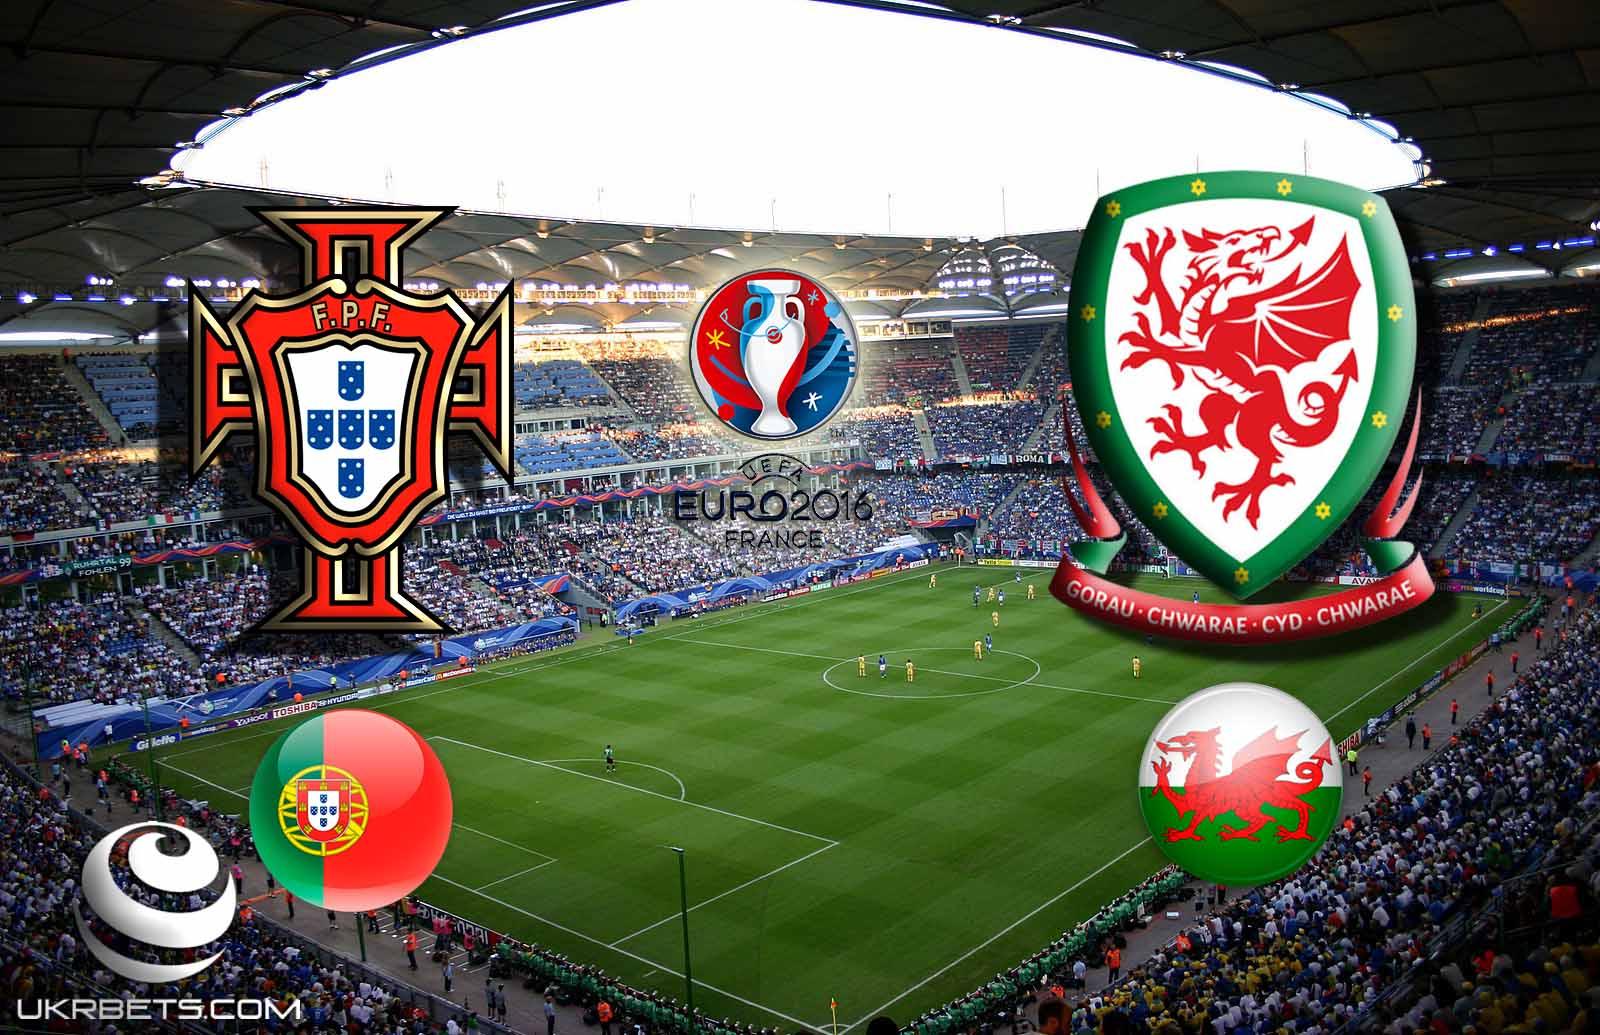 Португалия - Уэльс: Прогноз на матч ЕВРО - 2016 6 июля